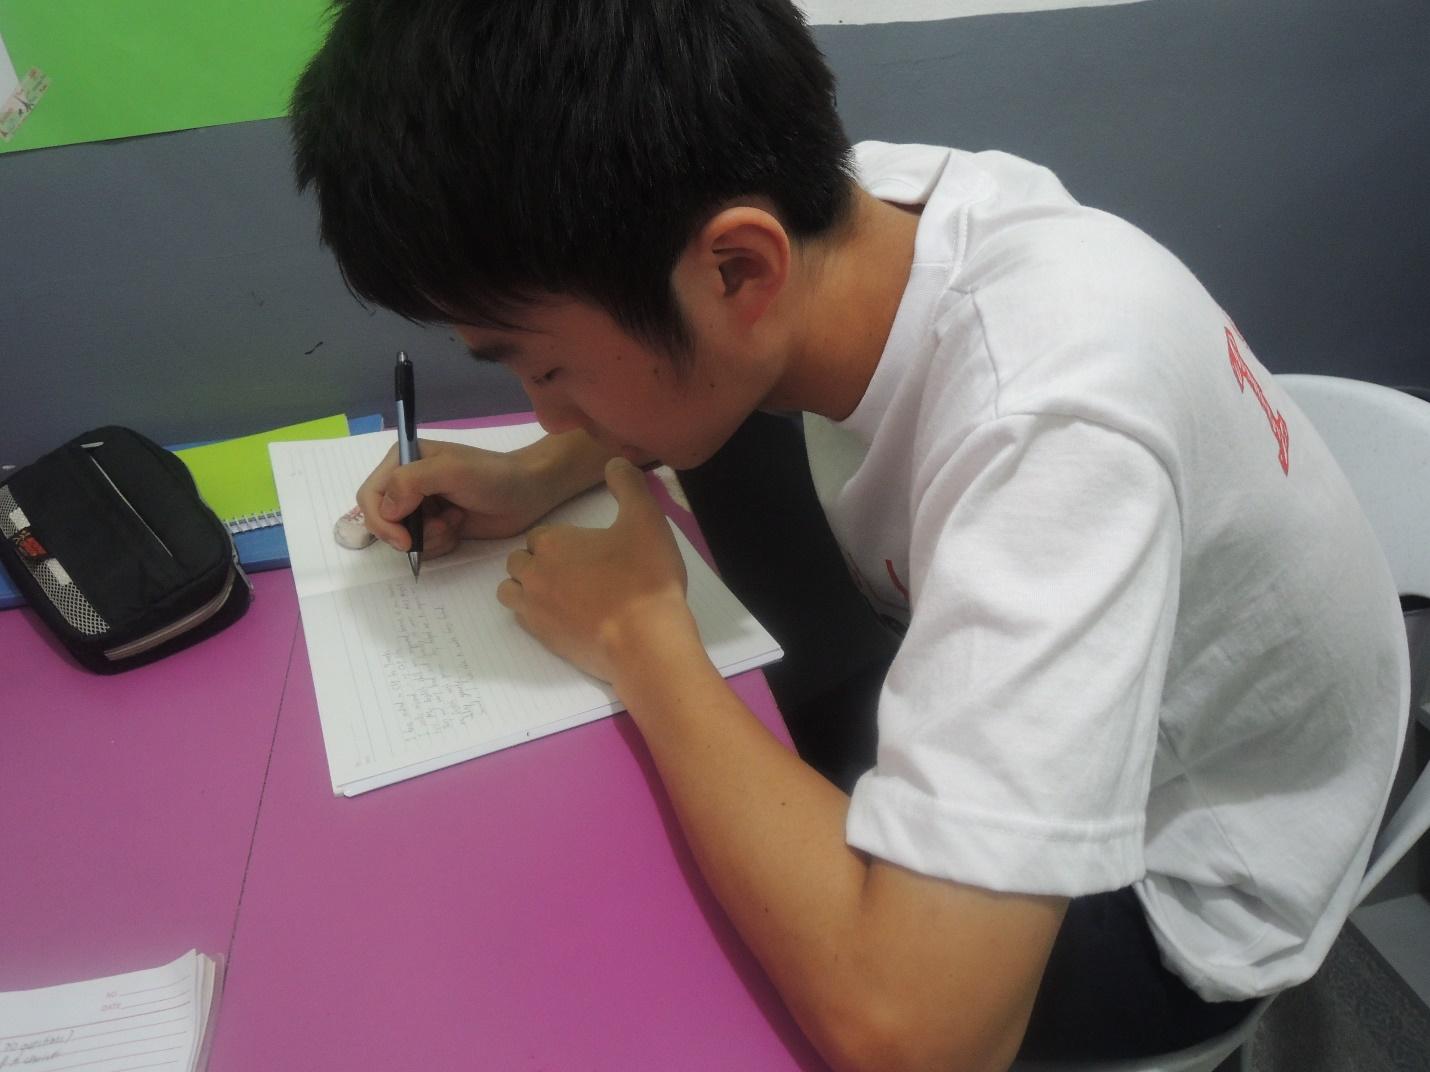 英語初級者でまず初めに集中するのは英文法(英語版で)